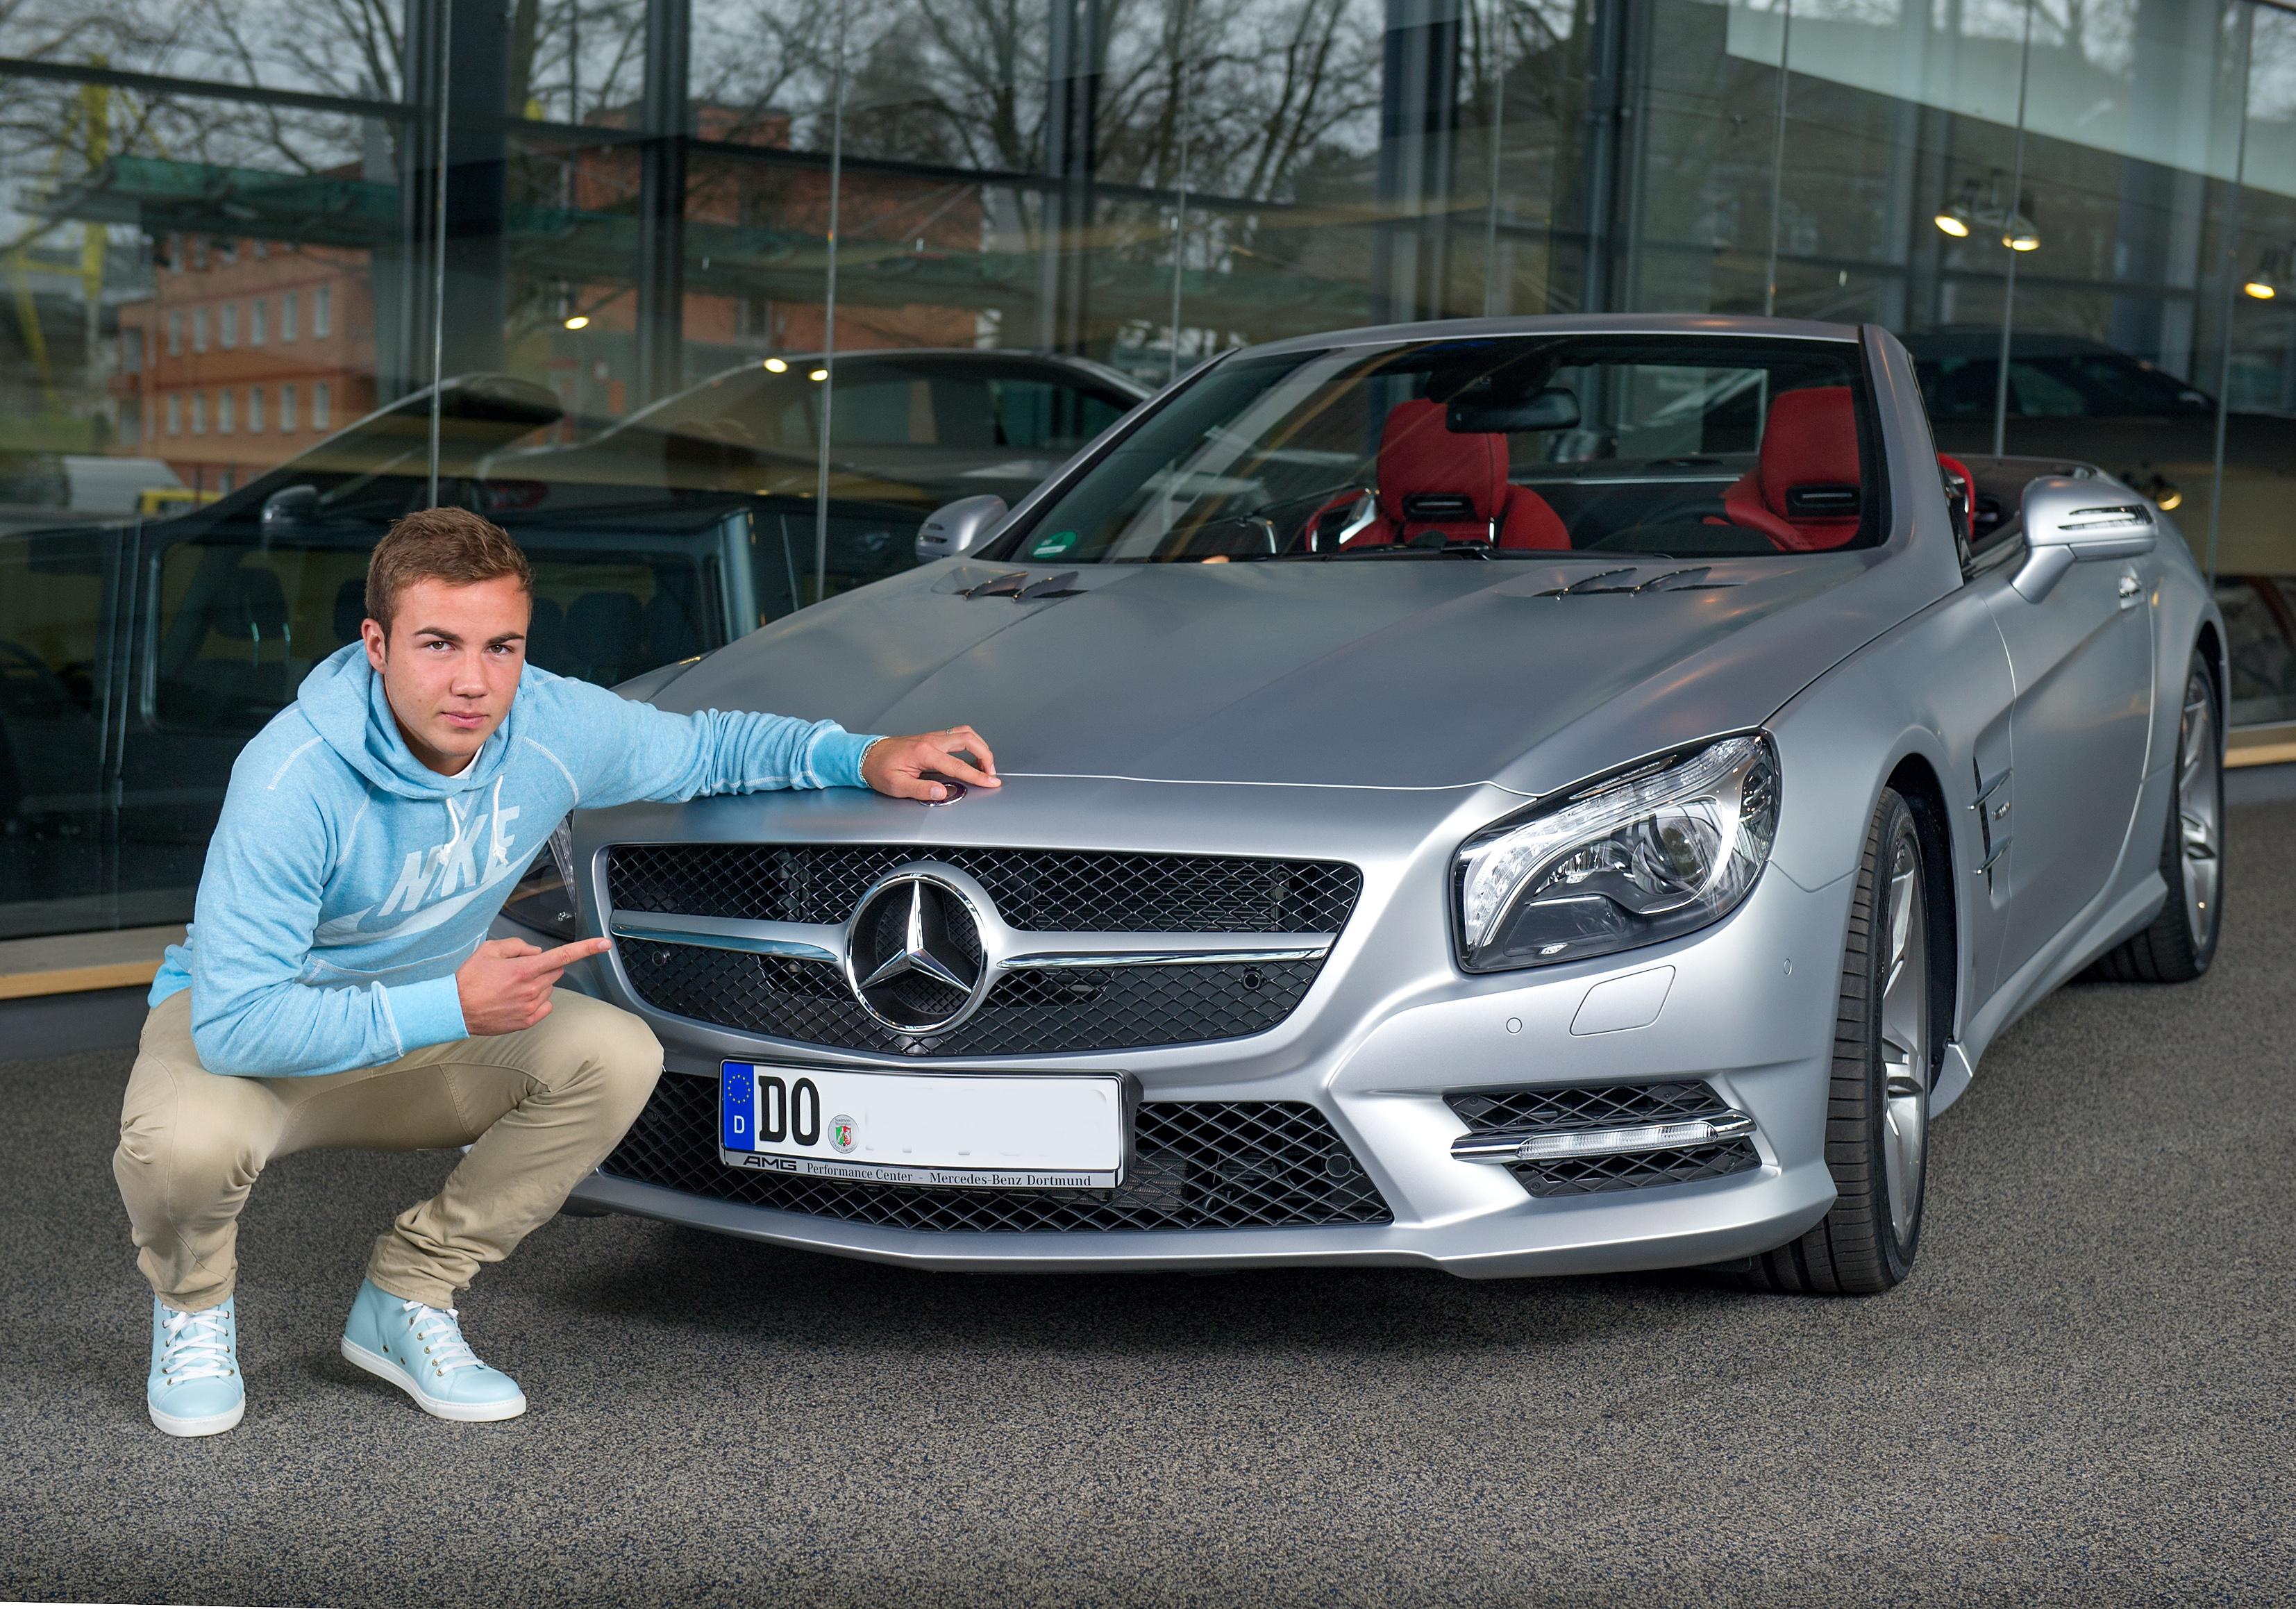 Fussball Mario Goetze Bekommt Mercedes Benz Sl 500